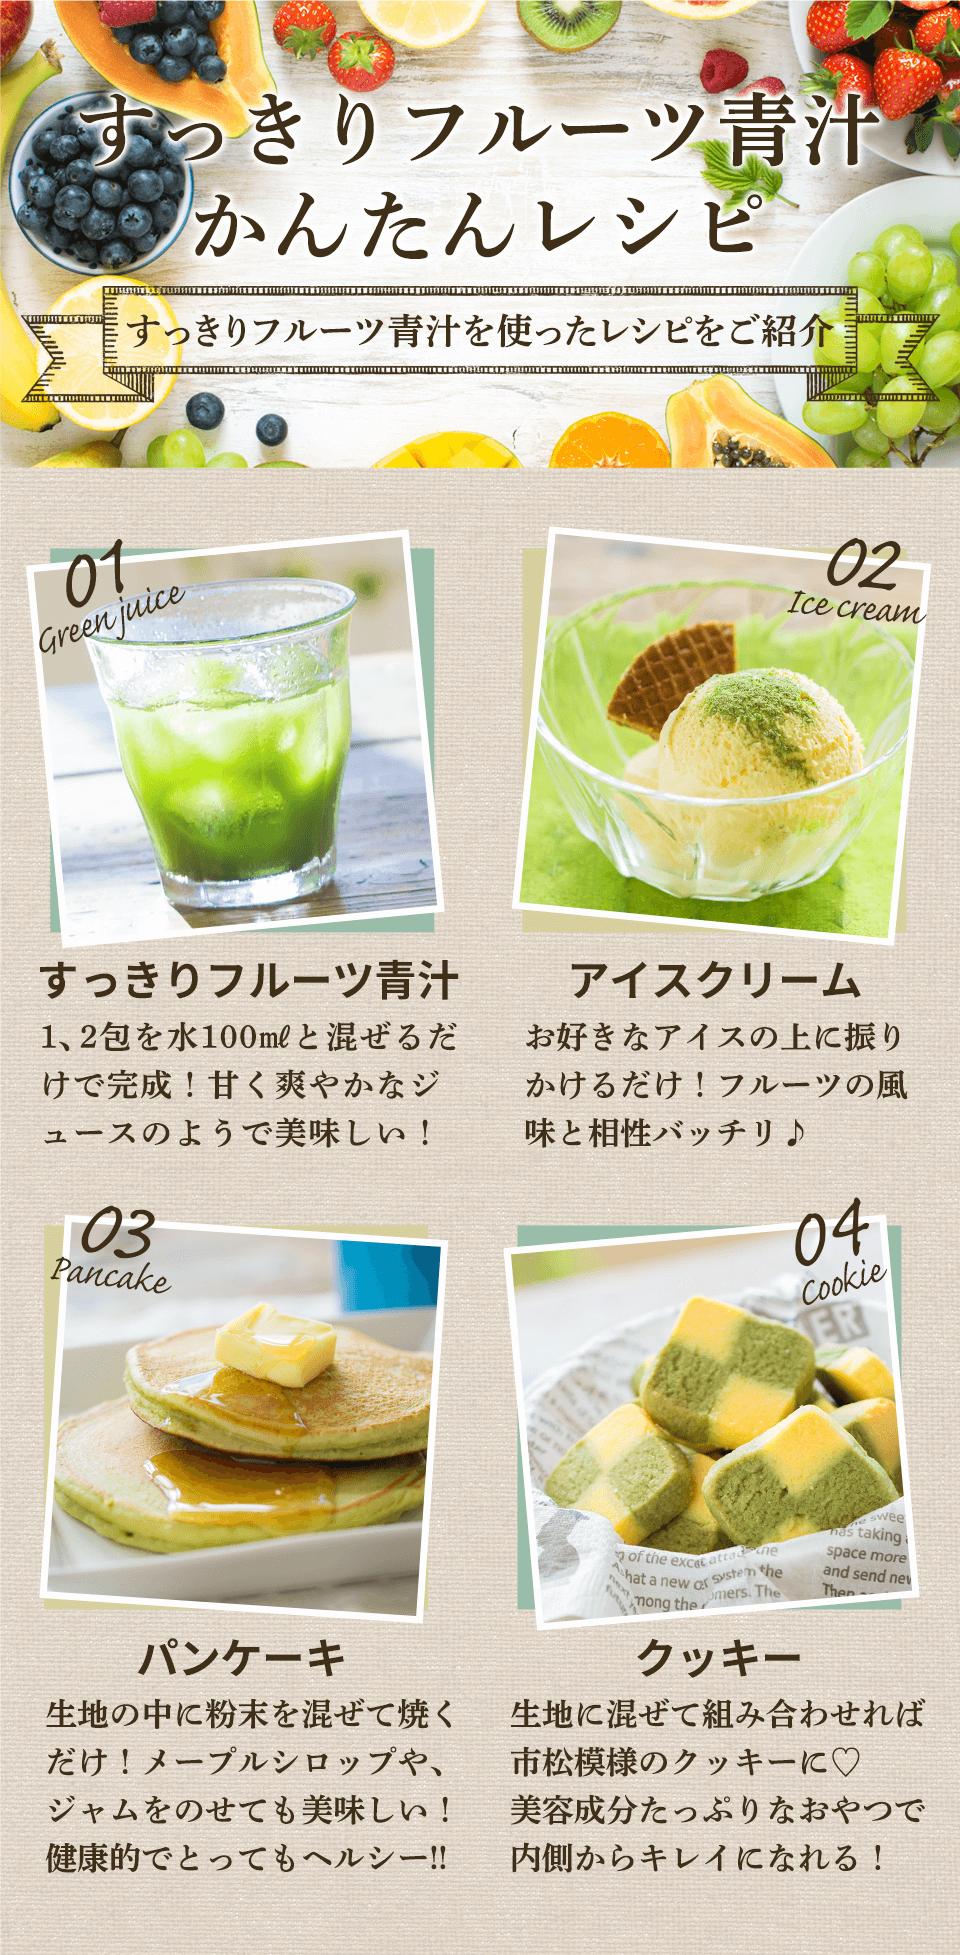 すっきりフルーツ青汁を使ったレシピをご紹介